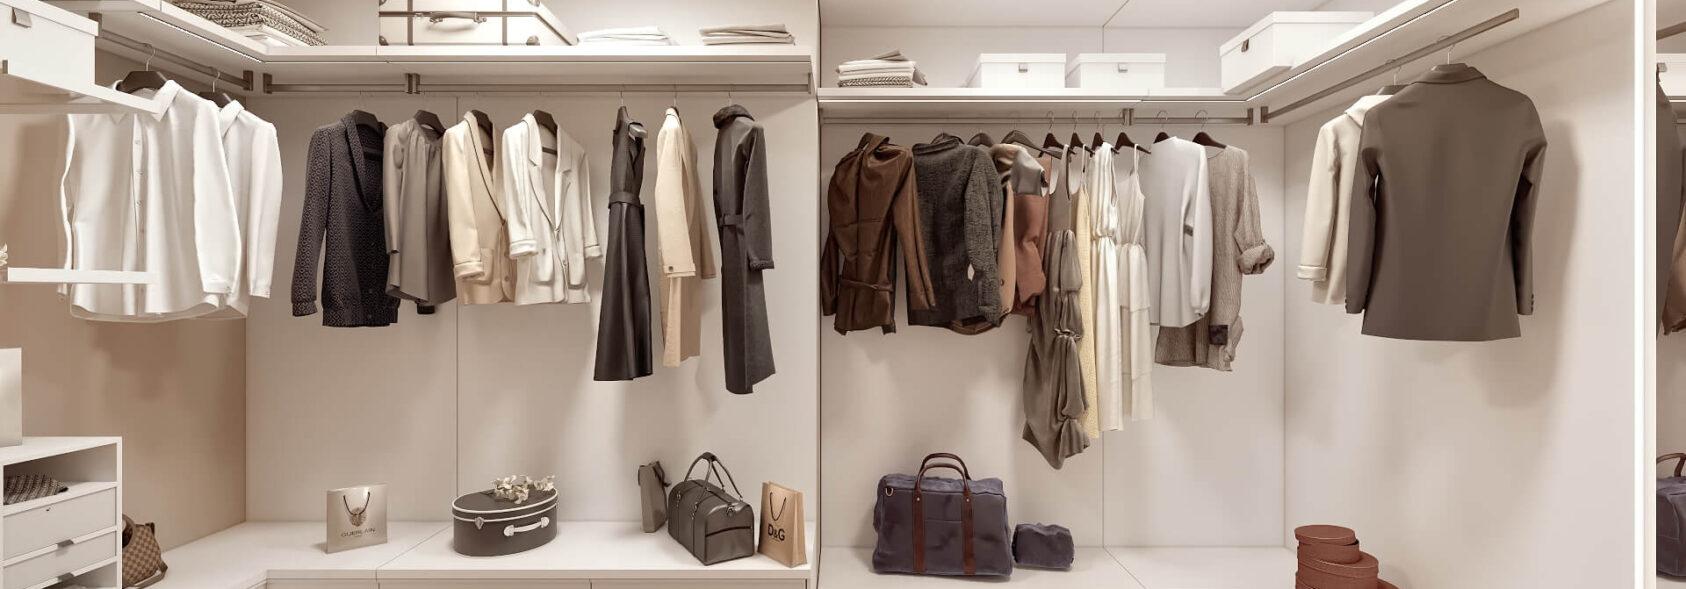 Дизайн двухэтажной квартиры гардеробная